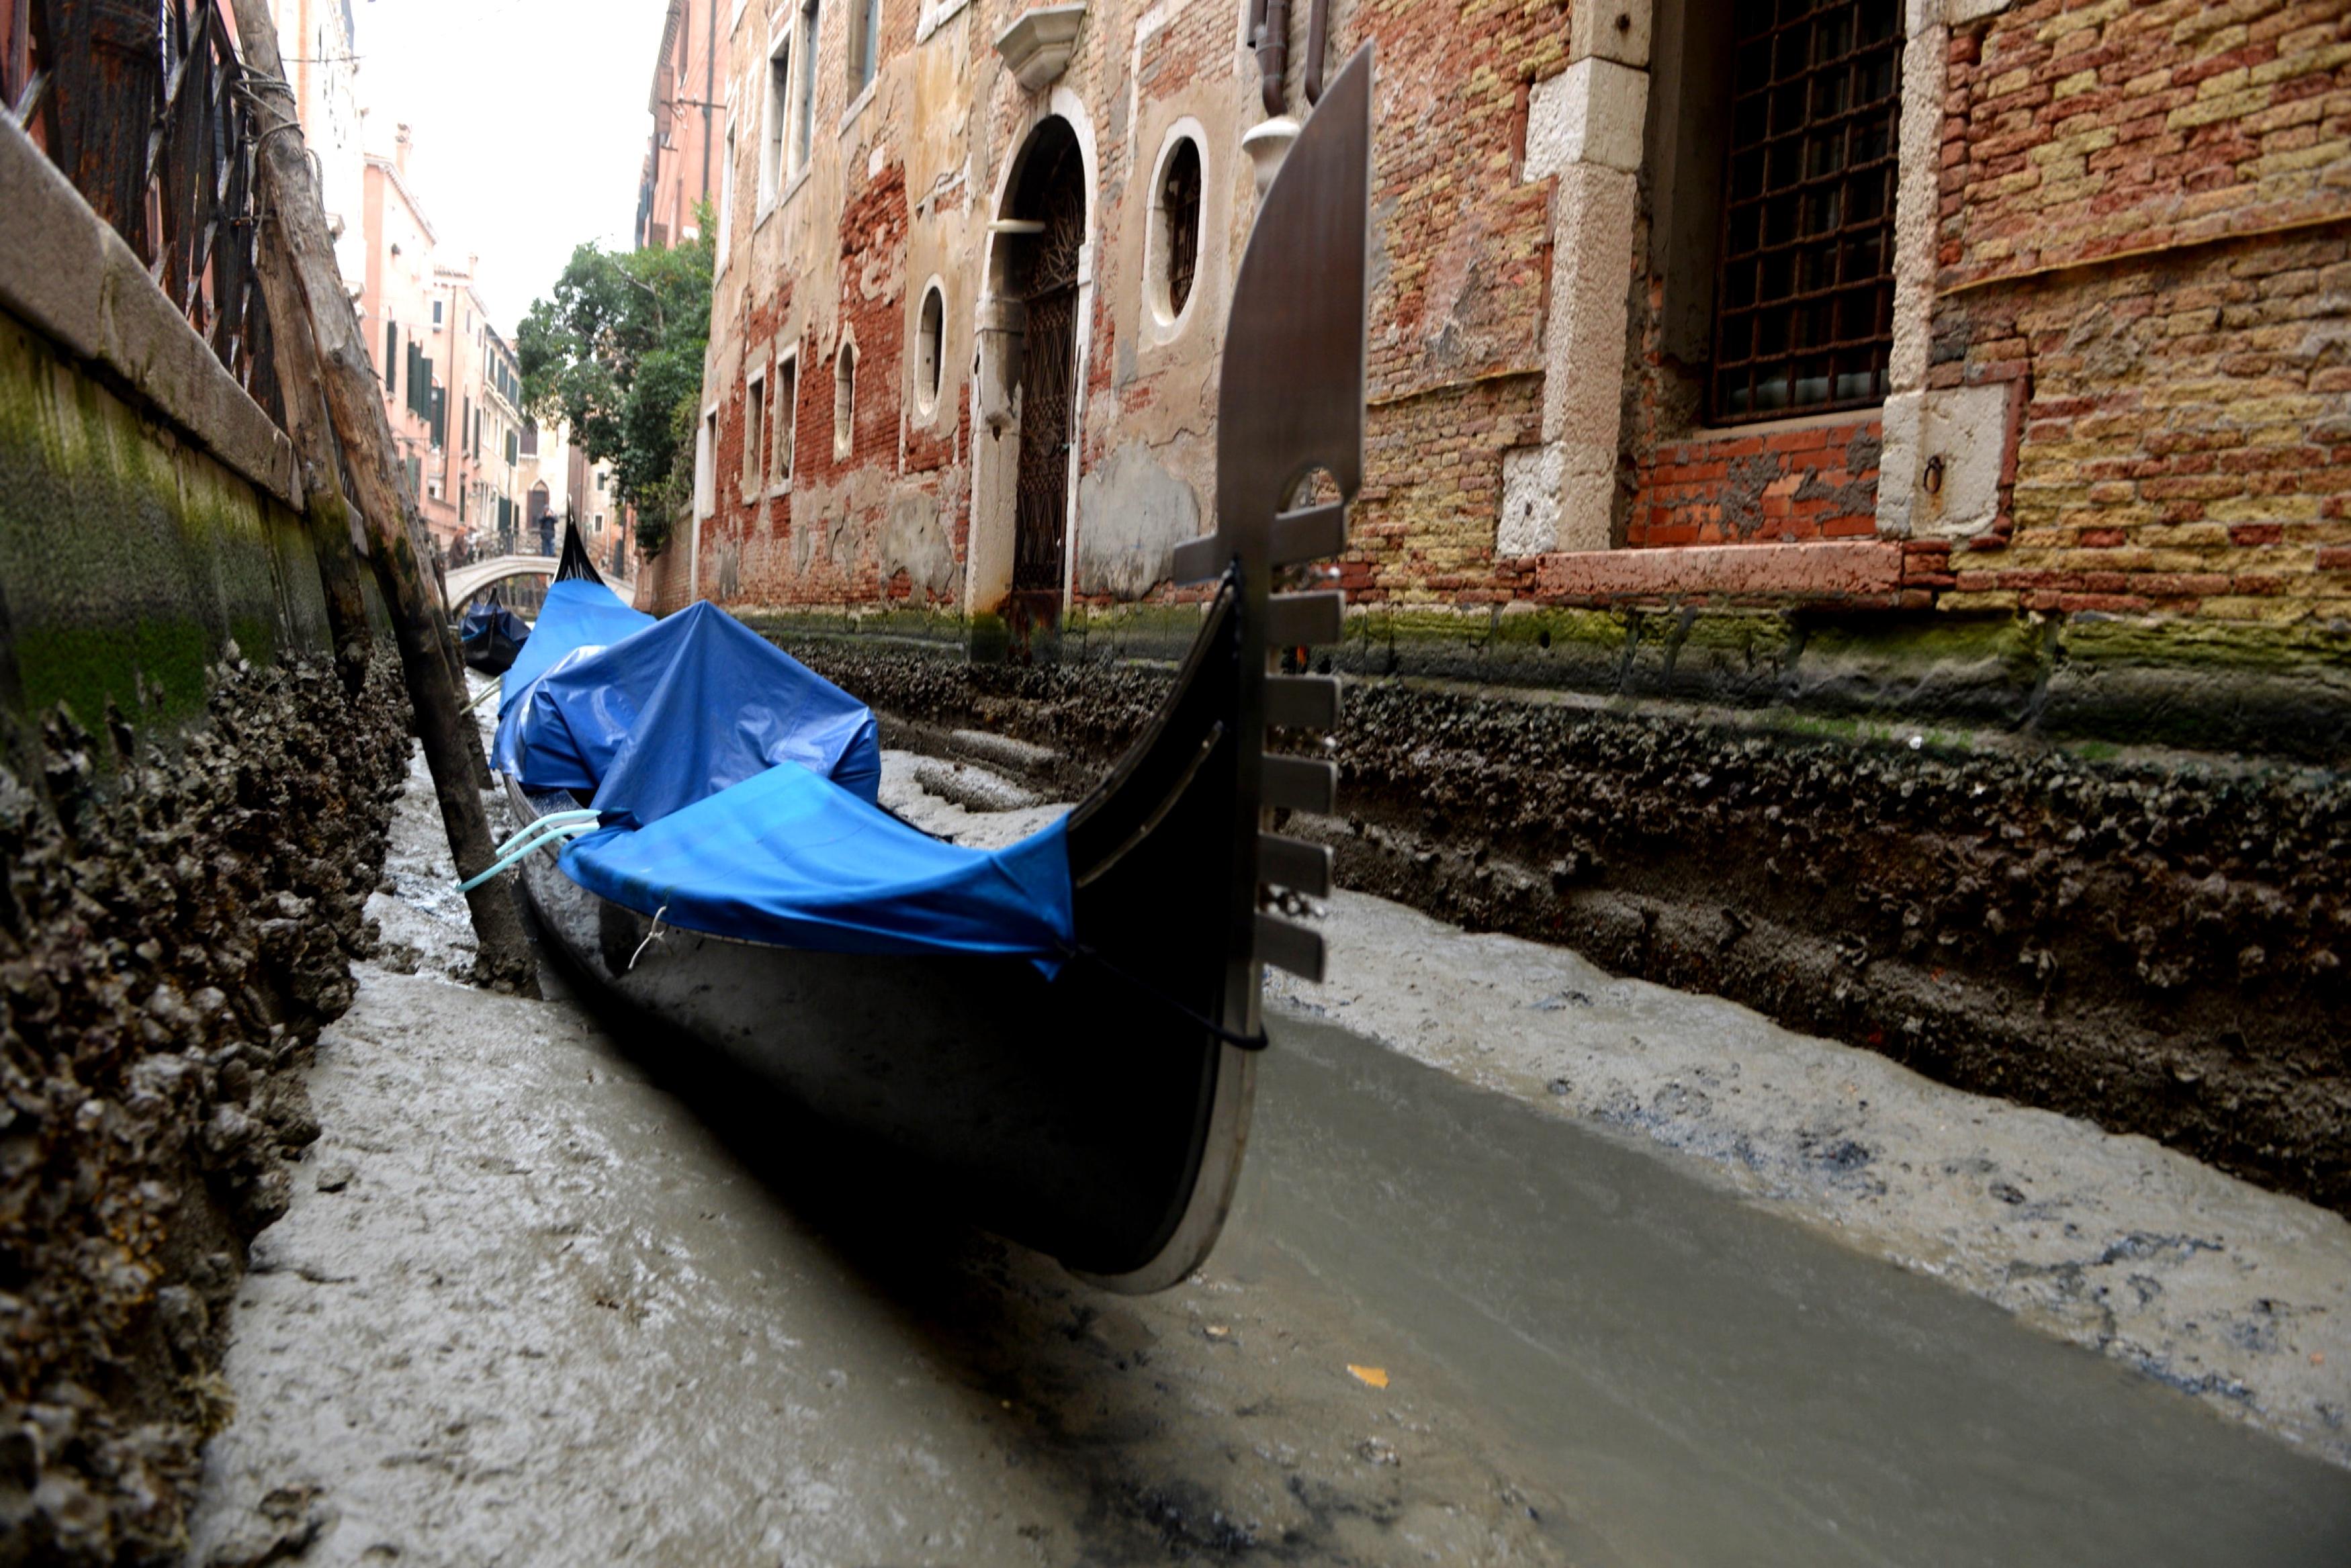 Canale Venetia secate